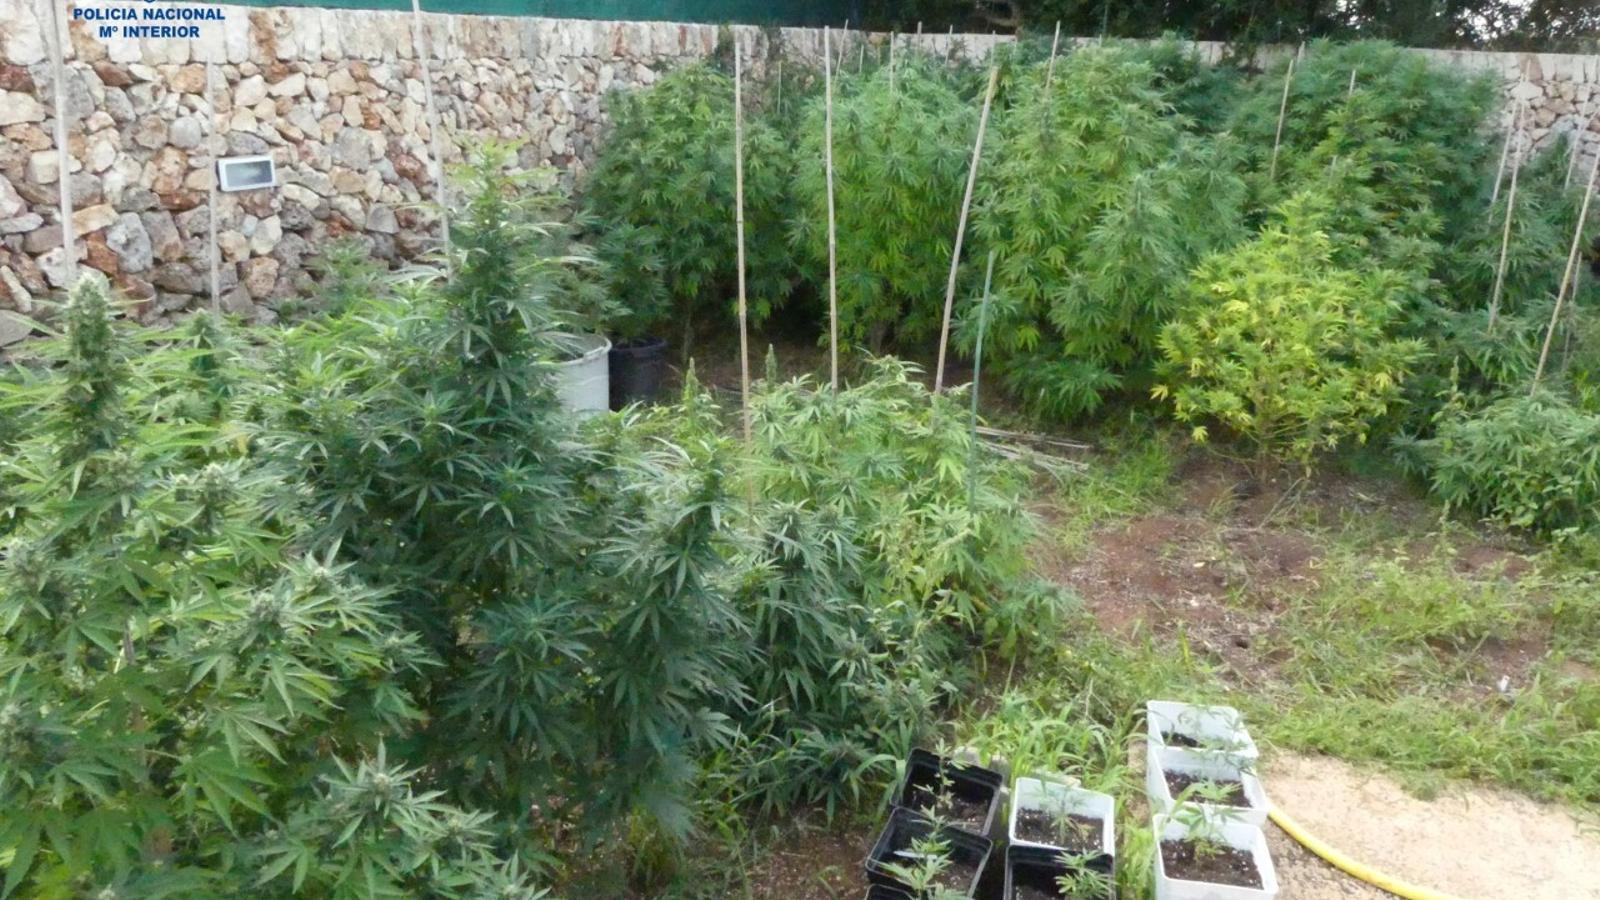 Les plantes de marihuana estaven distribuïdes entre una zona enjardinada i l'interior de la casa.